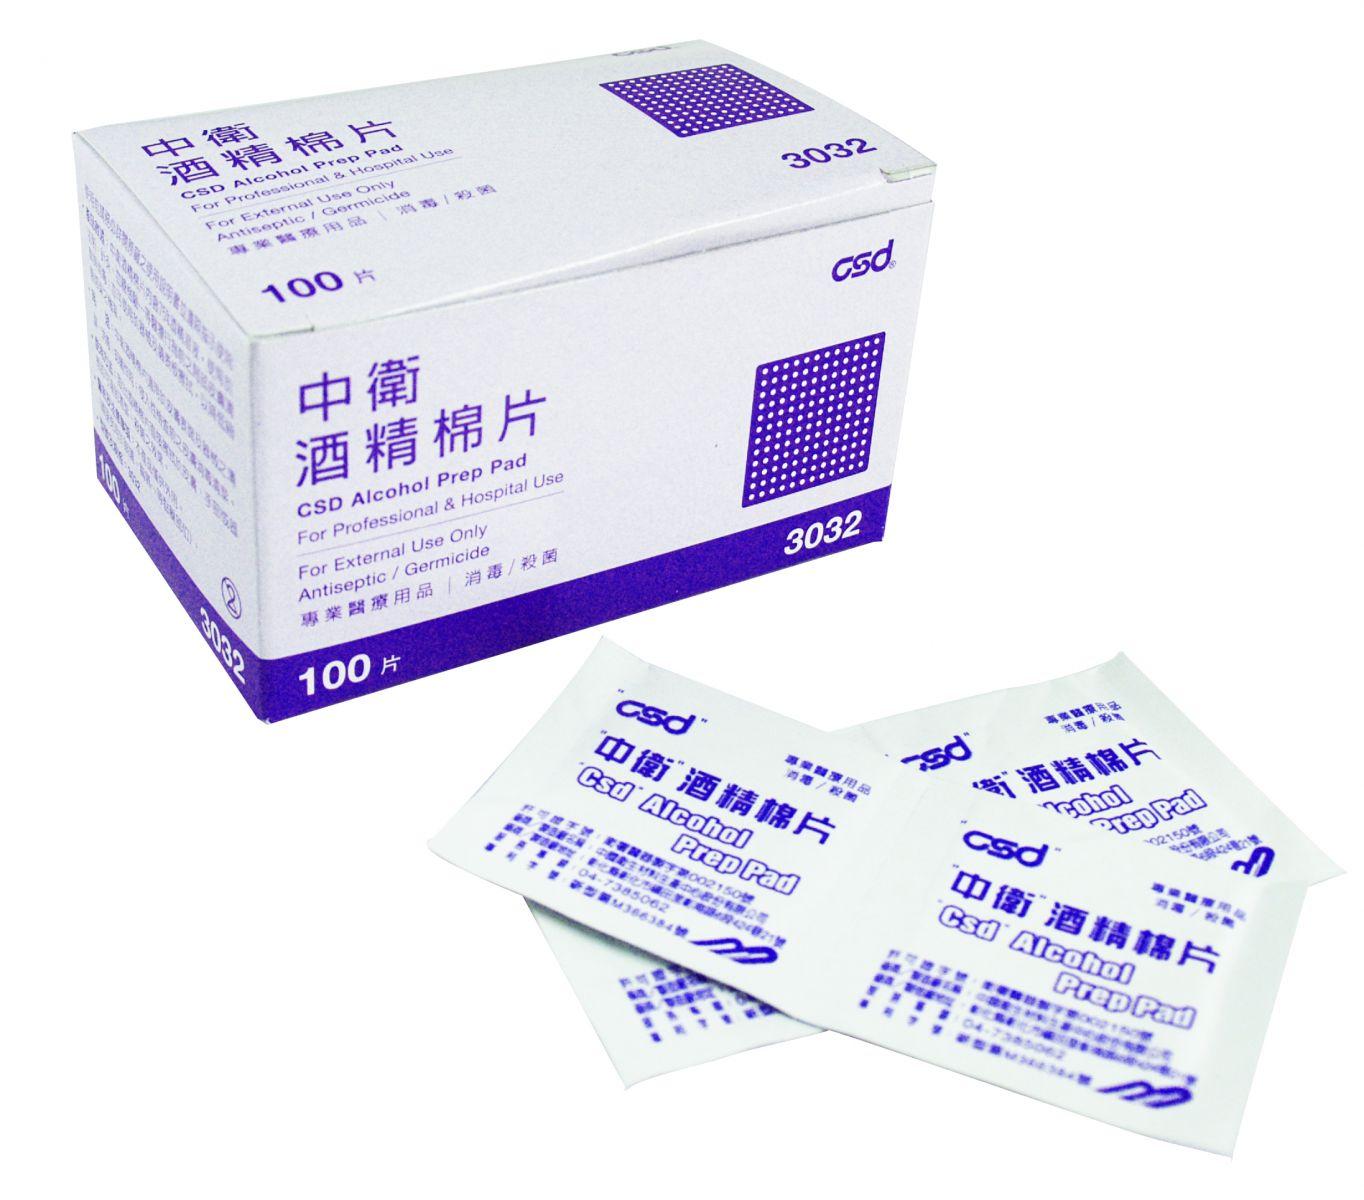 【中衛】酒精棉片 100入/盒 - 限時優惠好康折扣